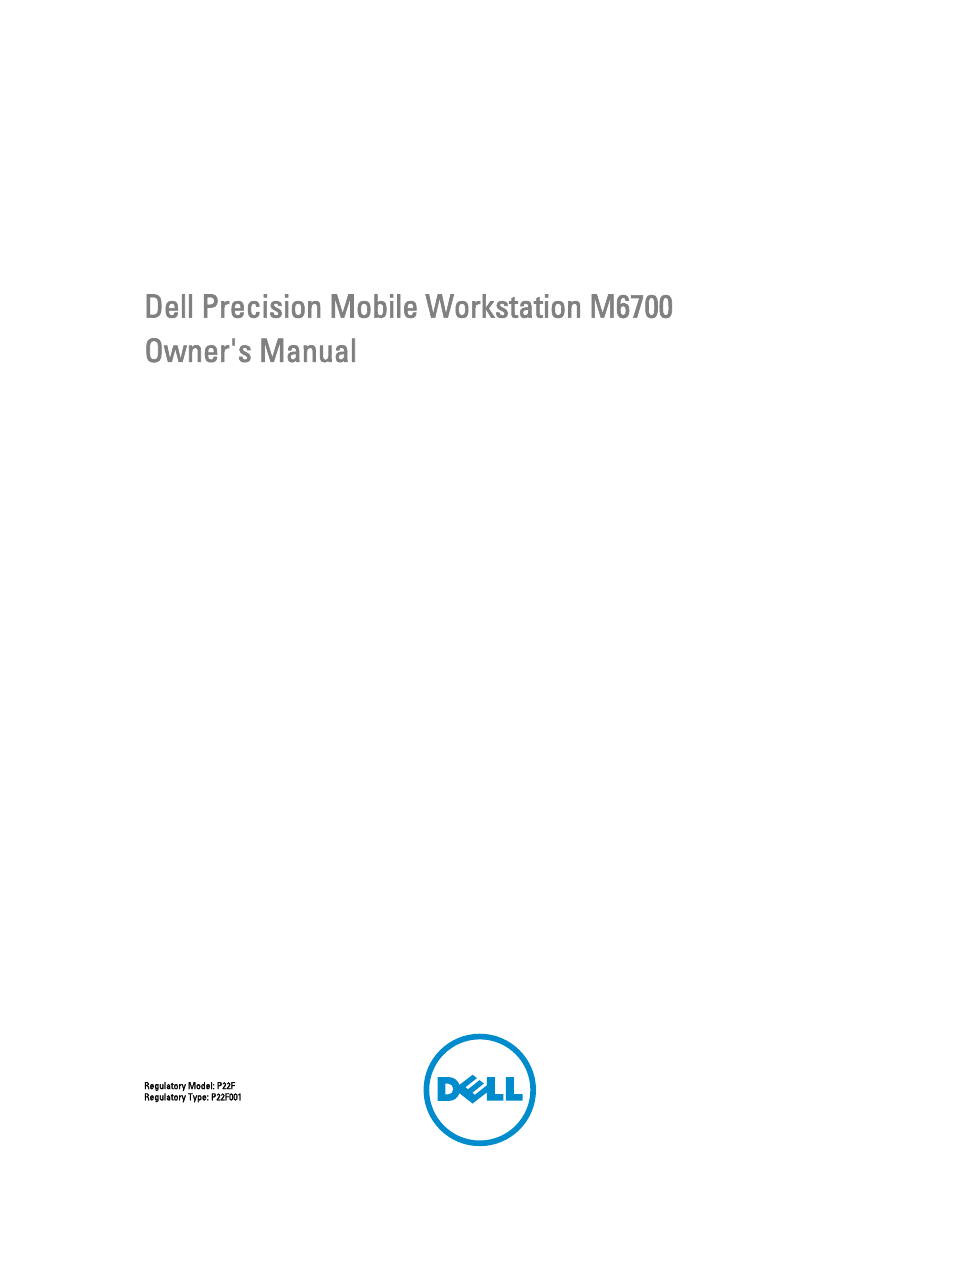 m6700 manual